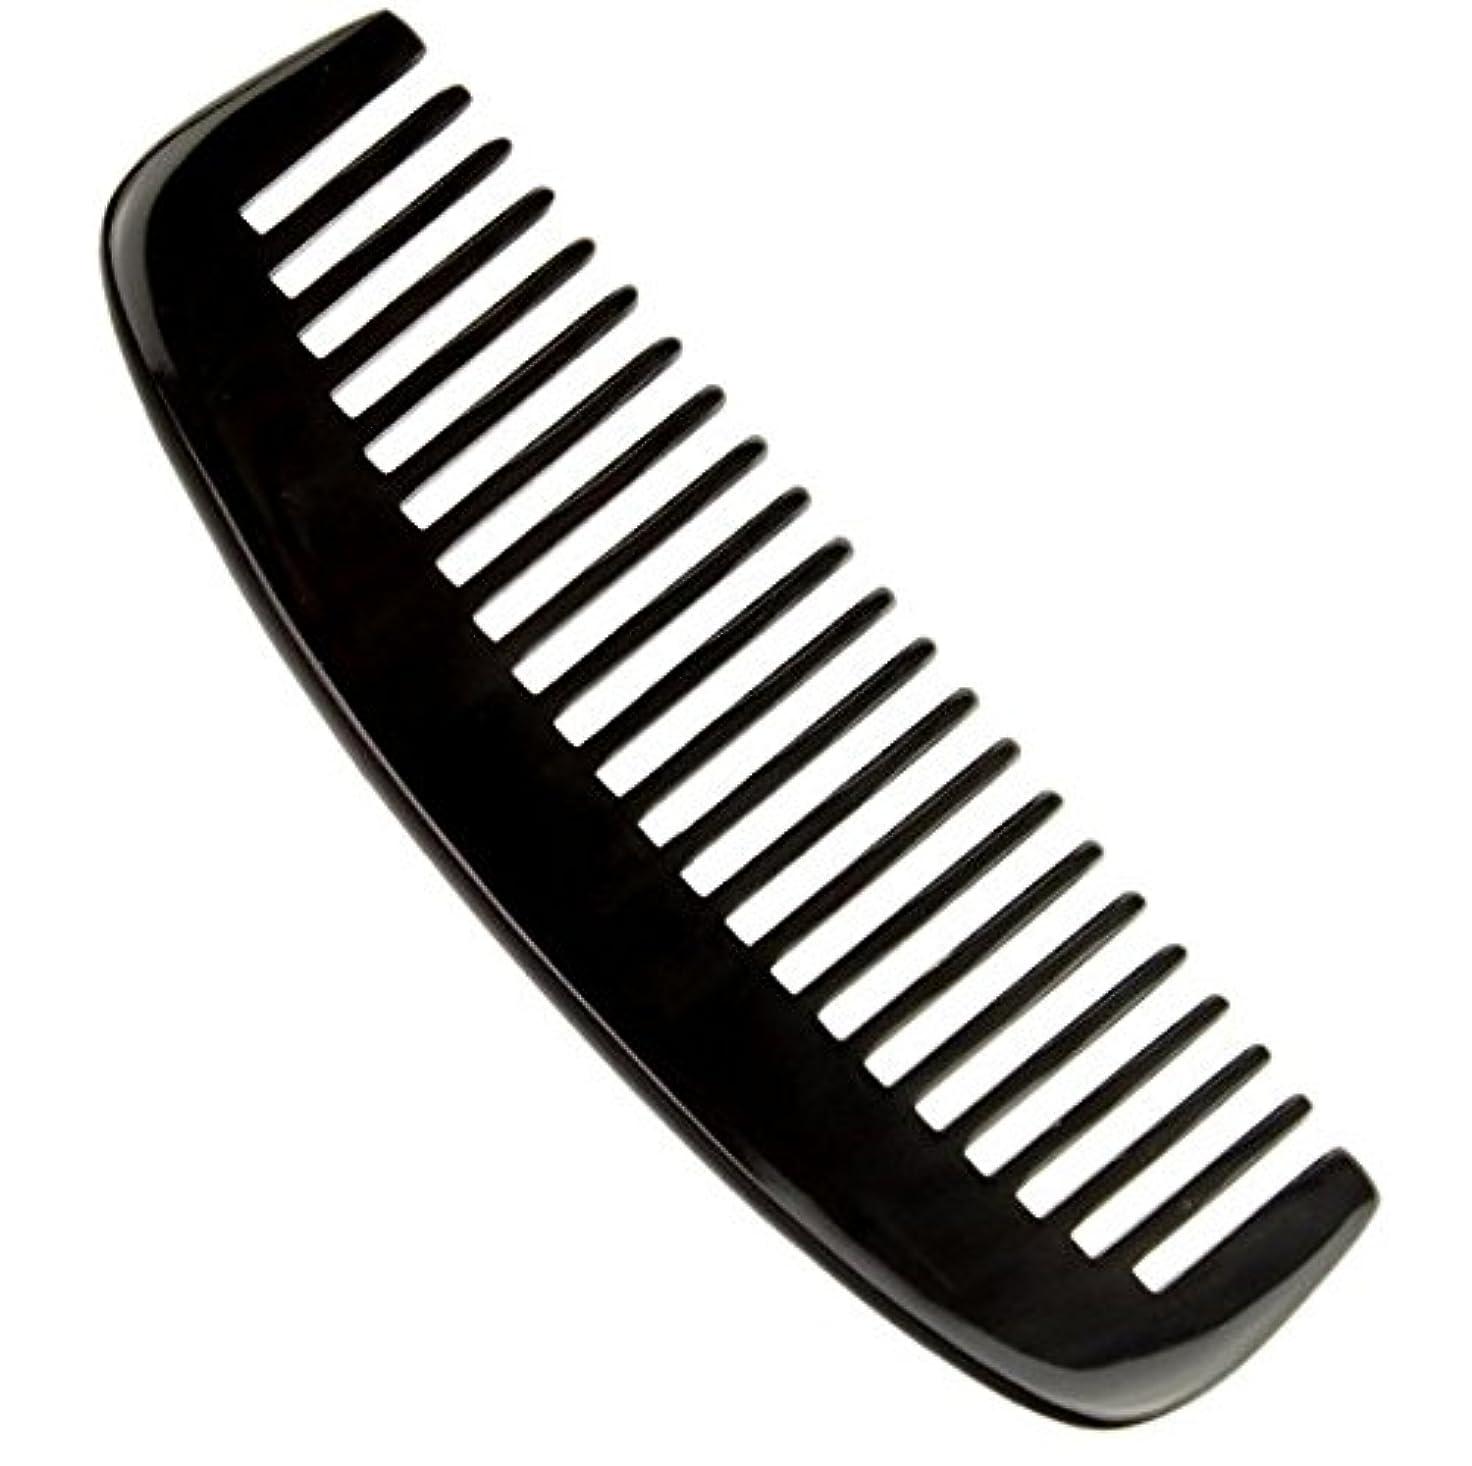 バストねばねば突っ込む櫛型 粗歯 プロも使う牛角かっさプレート マサージ用 血行改善 高級 天然 静電気 防止 美髪